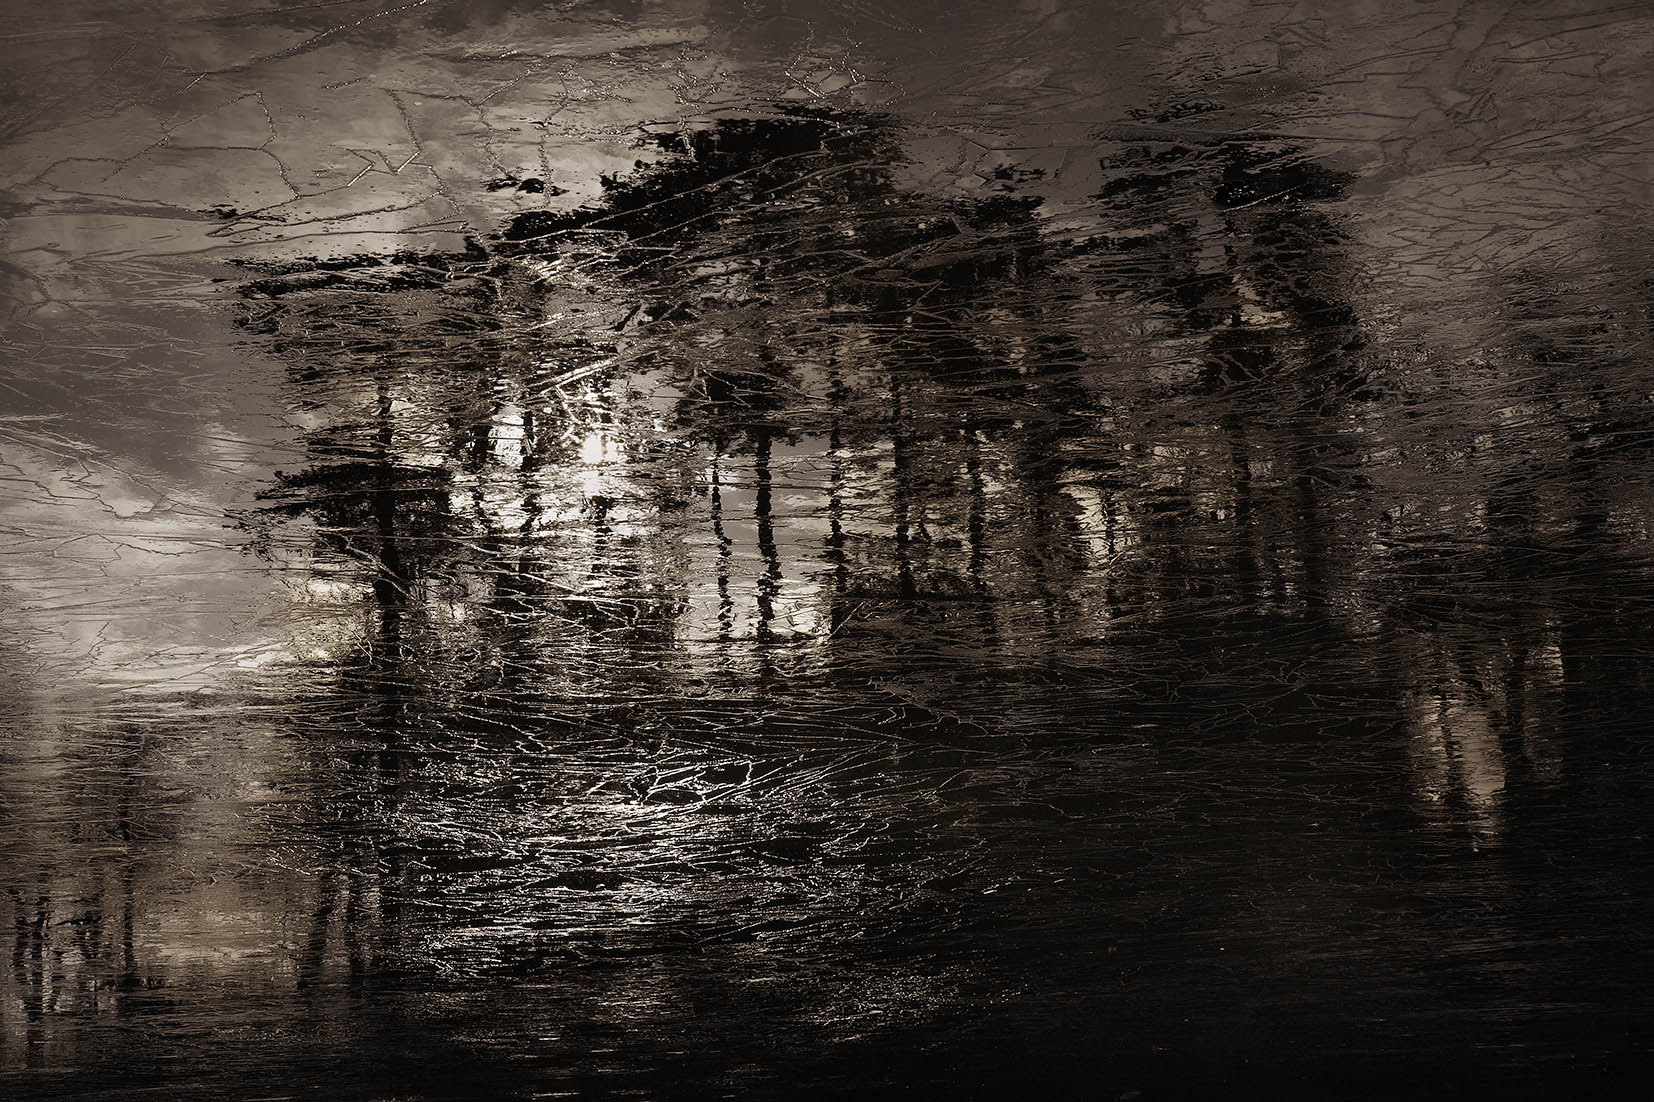 evikeller-towards-the-light_MG_4831